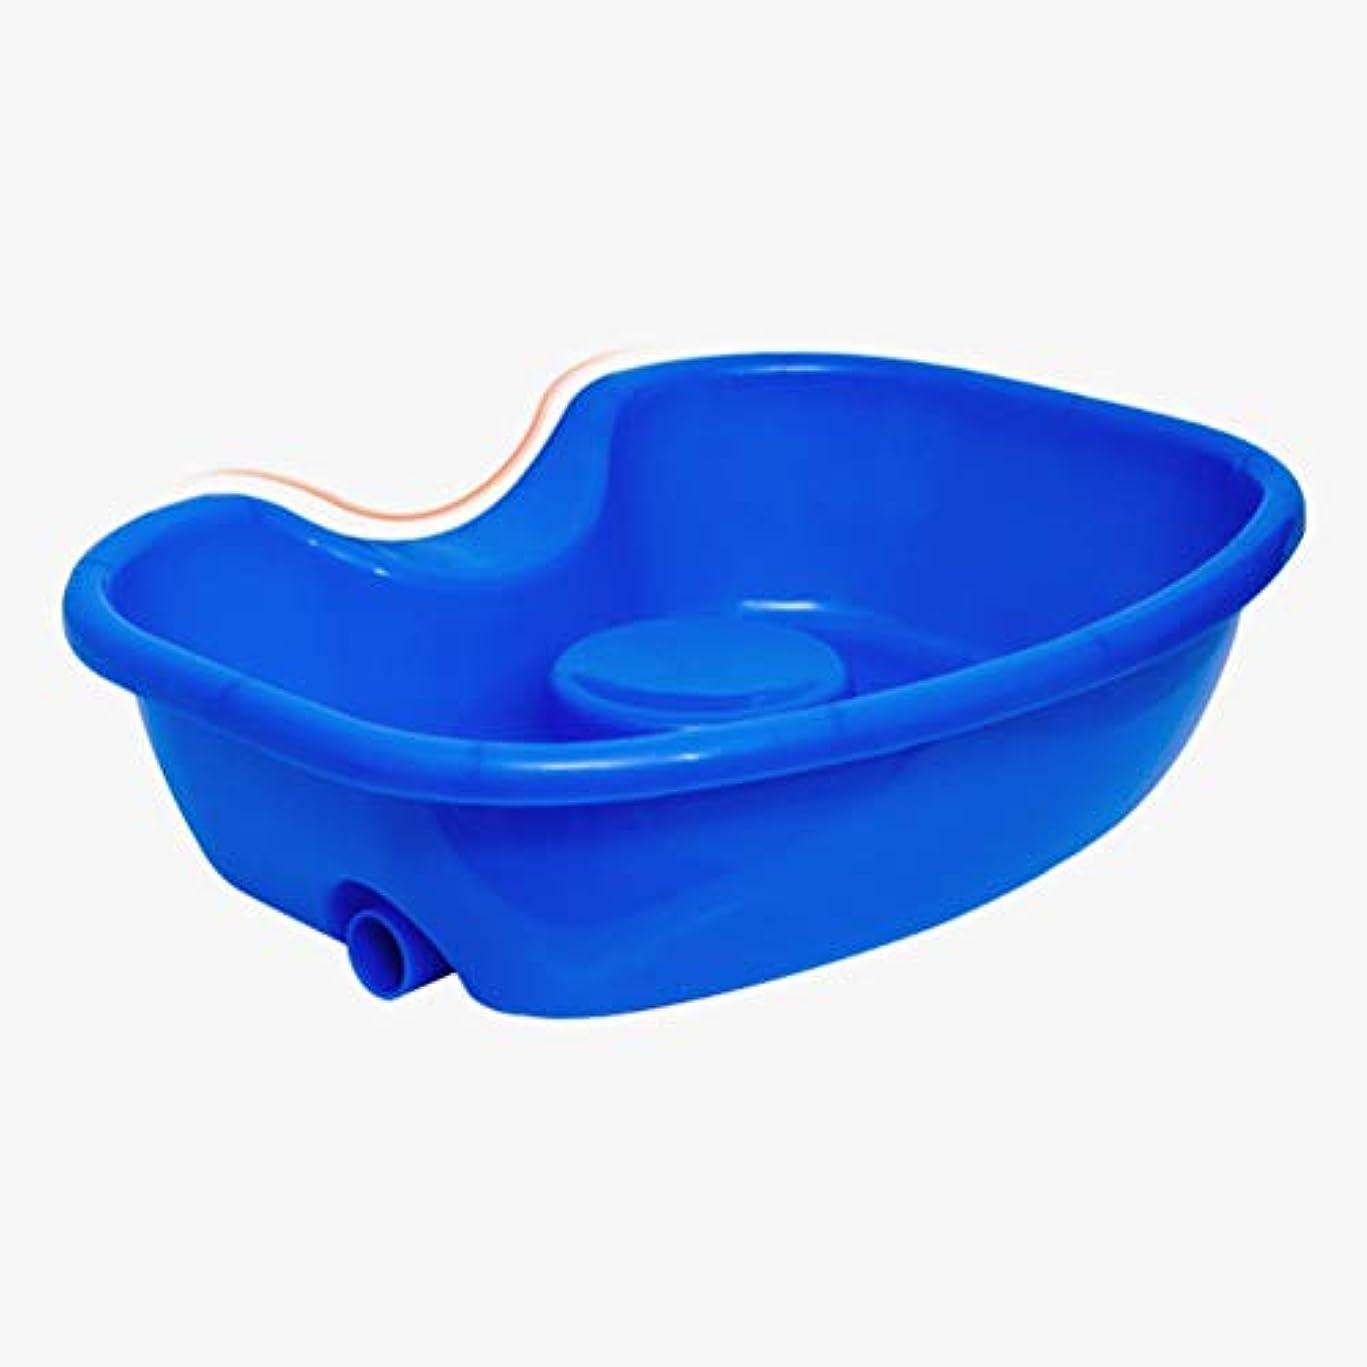 略す半導体パックベッドにはシャンプー盆地の使用、寝たきり患者の身体障害者高齢者のための医療安定ハンディ洗髪ボウル